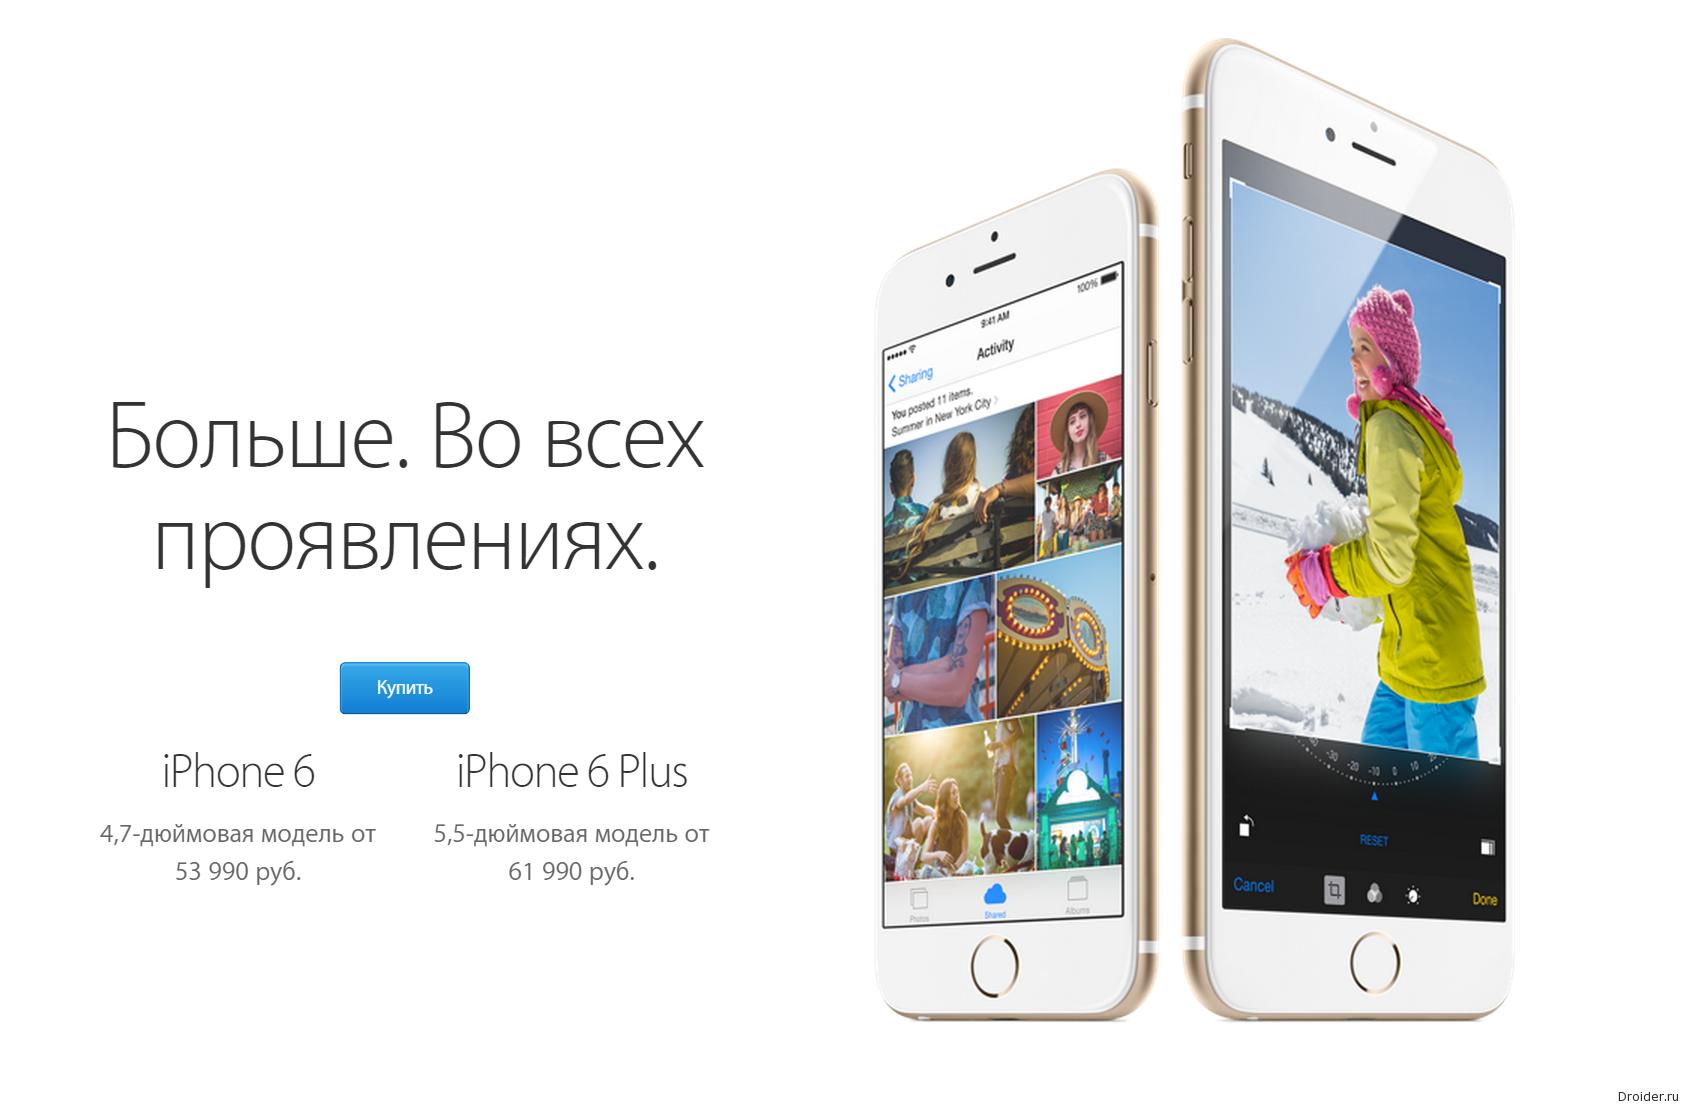 Apple iPhone 6/iPhone 6 Plus